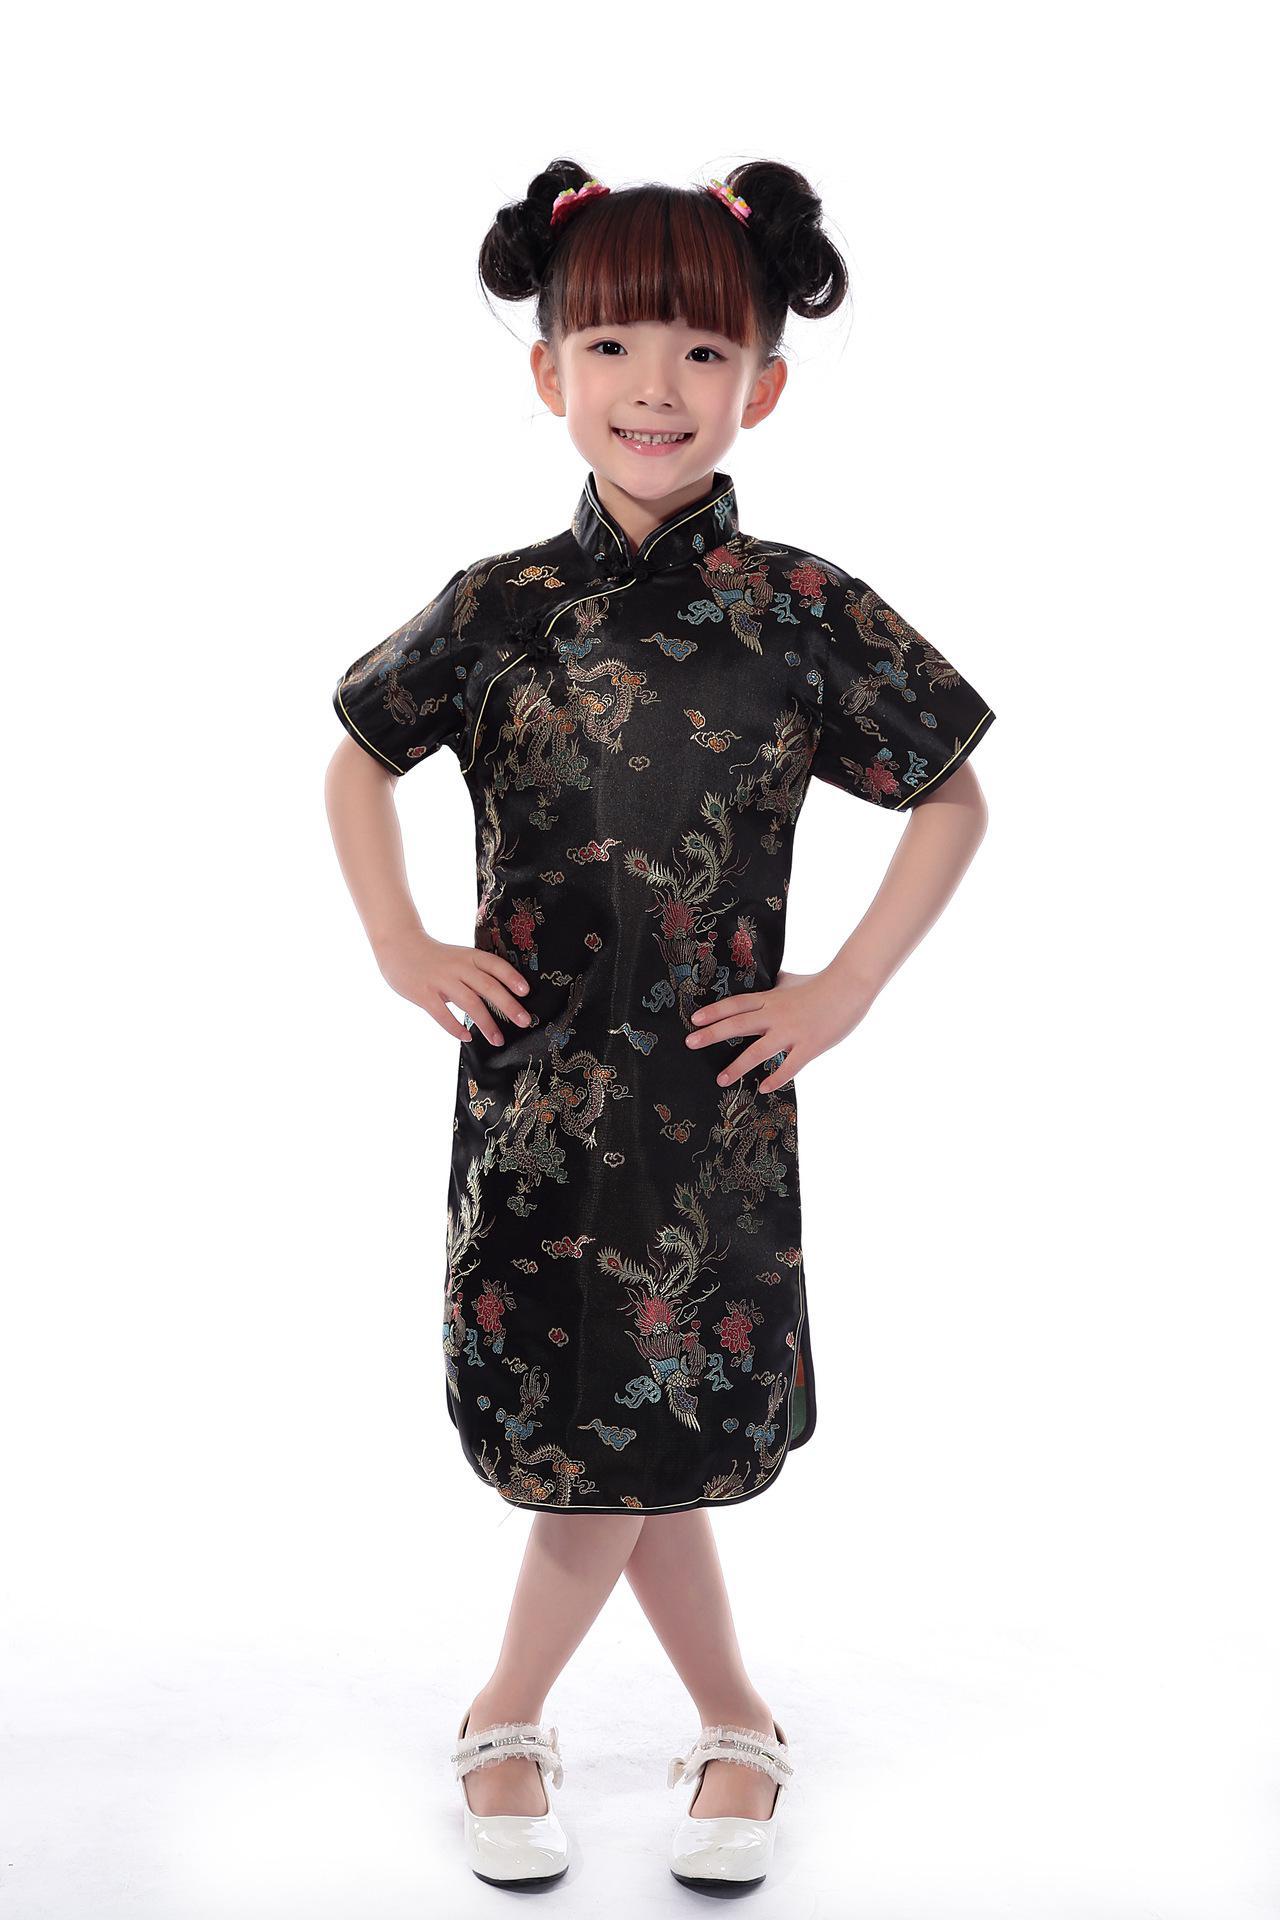 Shanghai Geschichte Faux Silk Stoffe 1-7 Jahre Kinder chinesisches traditionelles Baby Kleidung Drachen Phönix Tang-Anzug Cheongsam Stil Mädchen Kleid